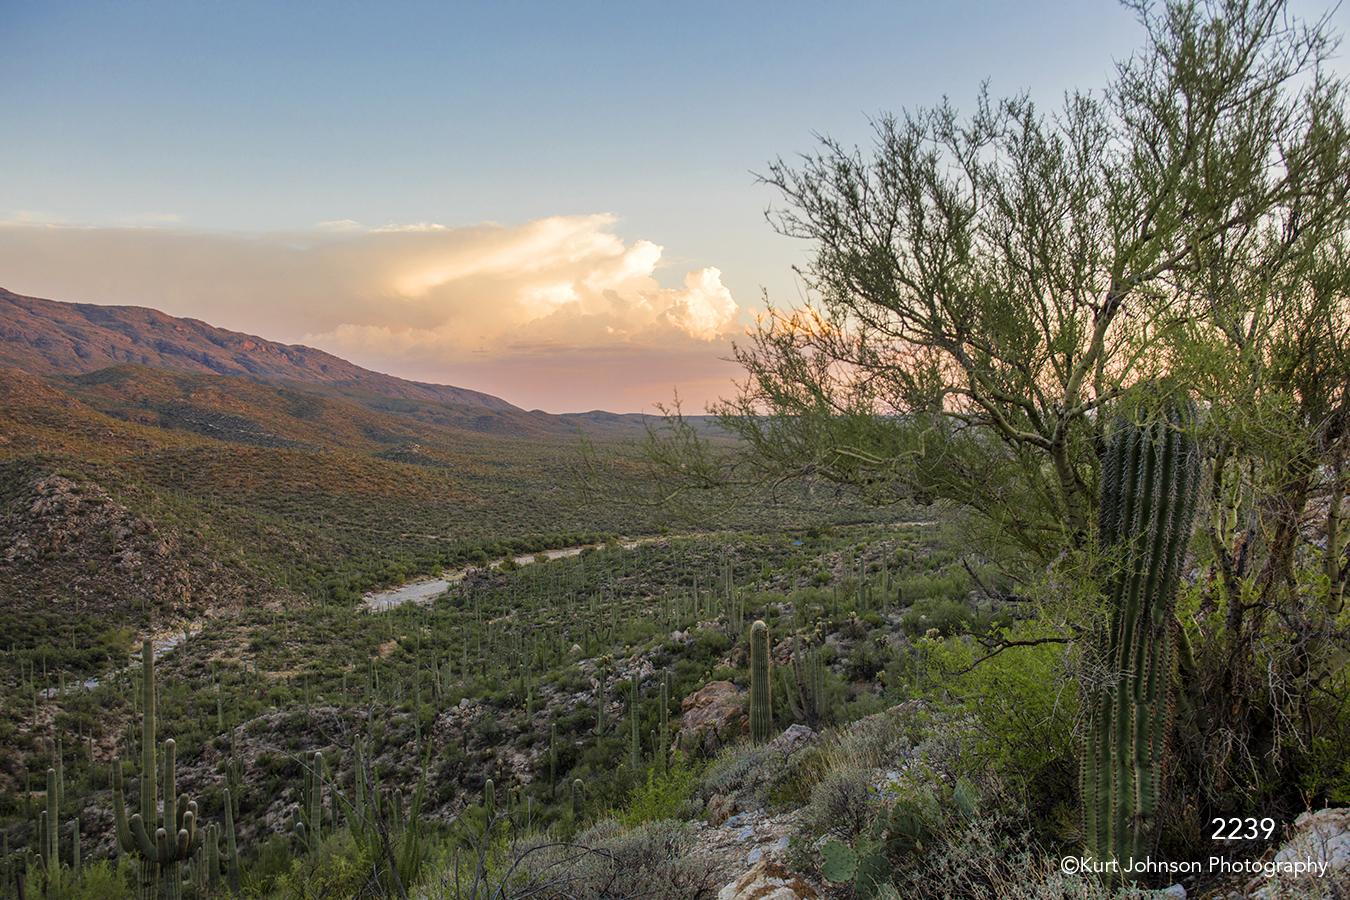 landscape desert cactus mountains clouds